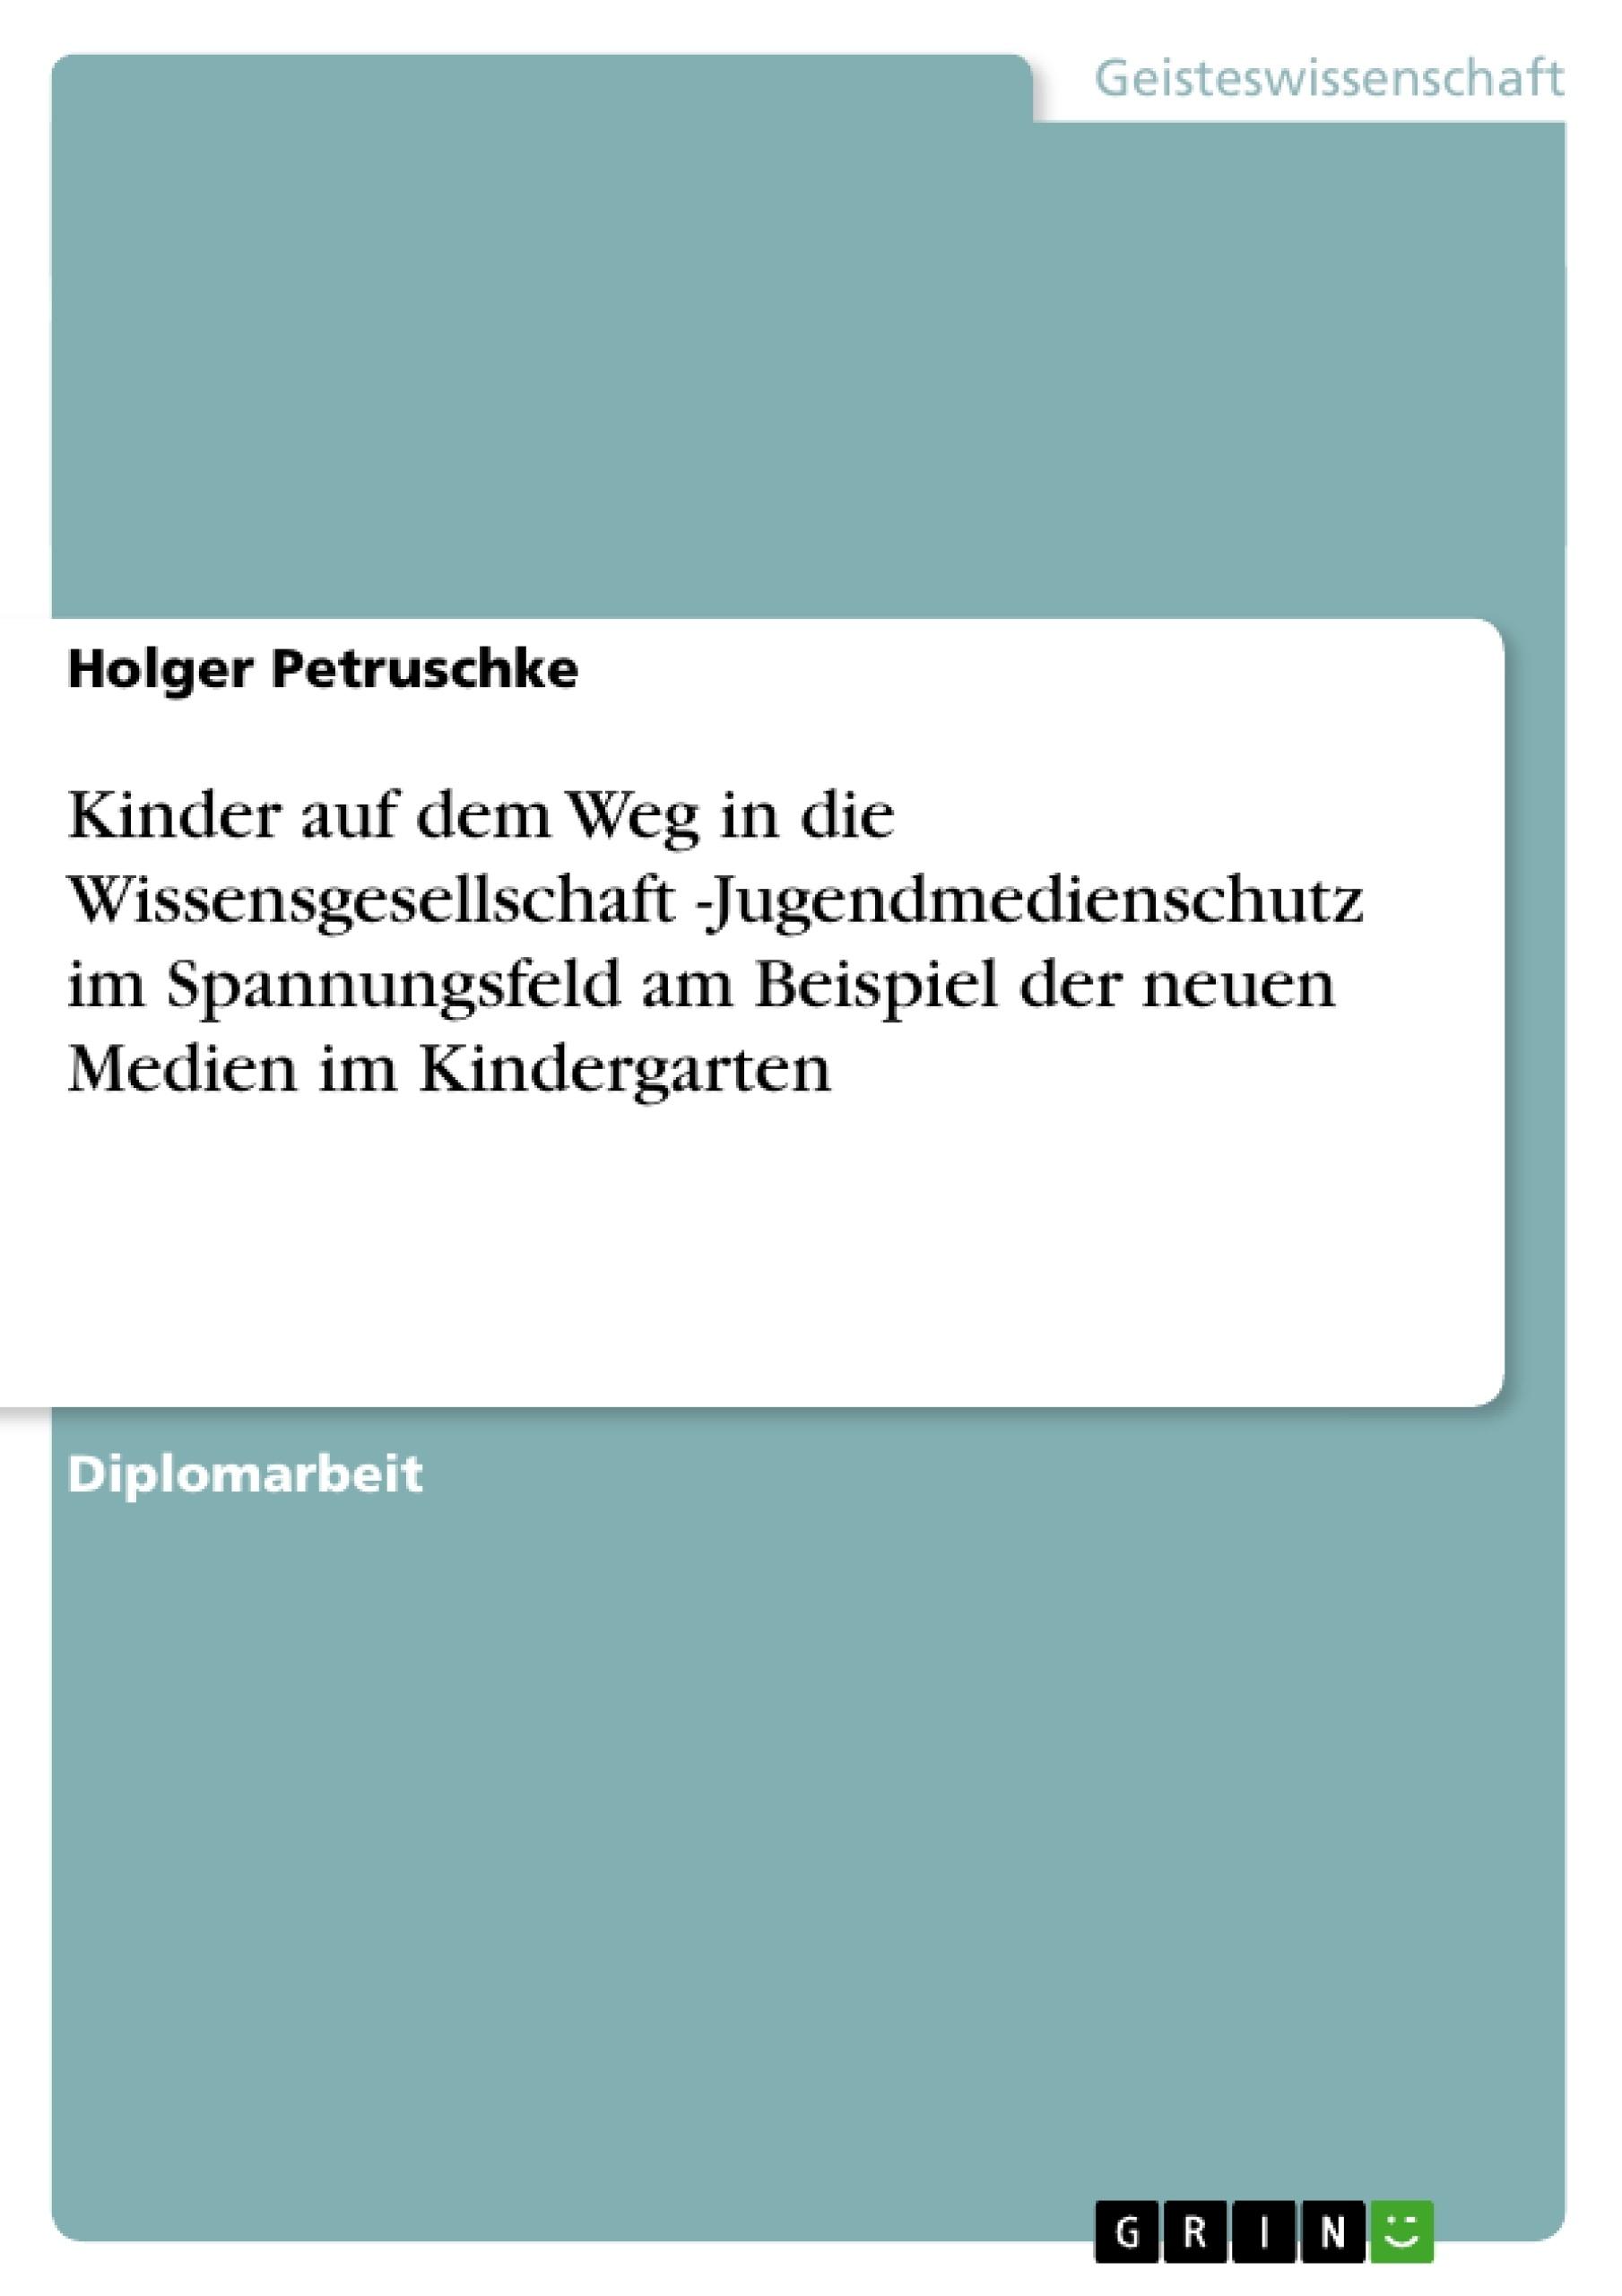 Grin Kinder Auf Dem Weg In Die Wissensgesellschaft Jugendmedienschutz Im Spannungsfeld Am Beispiel Der Neuen Medien Im Kindergarten